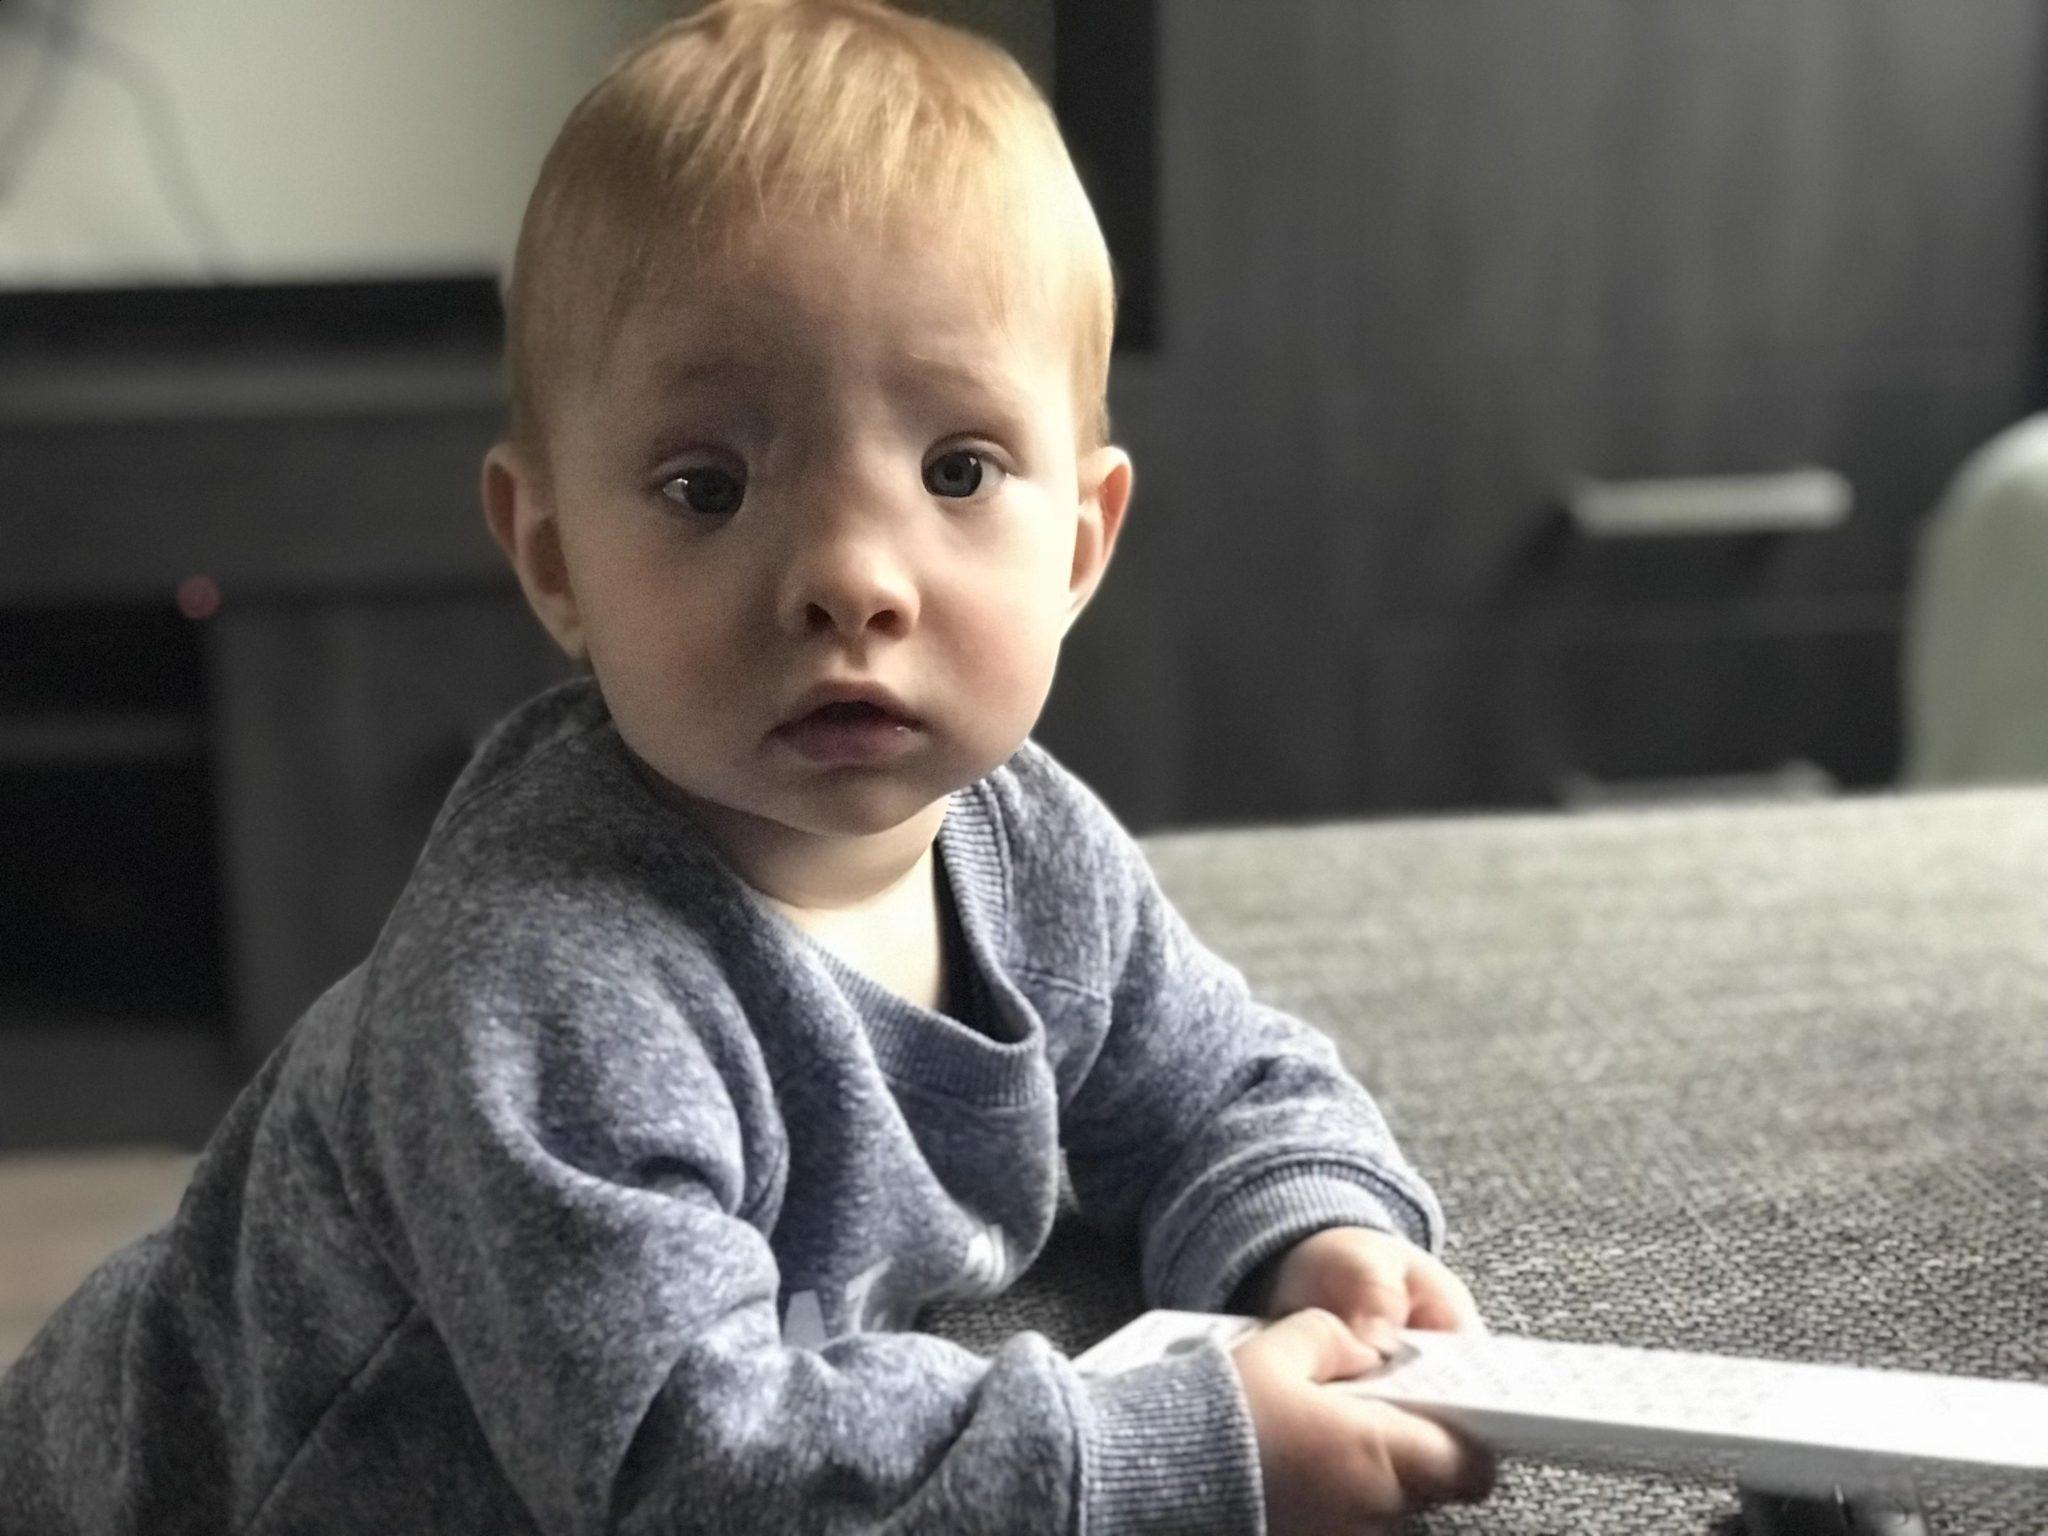 Bijzondere verhalen #15 - Lotte d'r zoon heeft een nasofrontale encephalocele